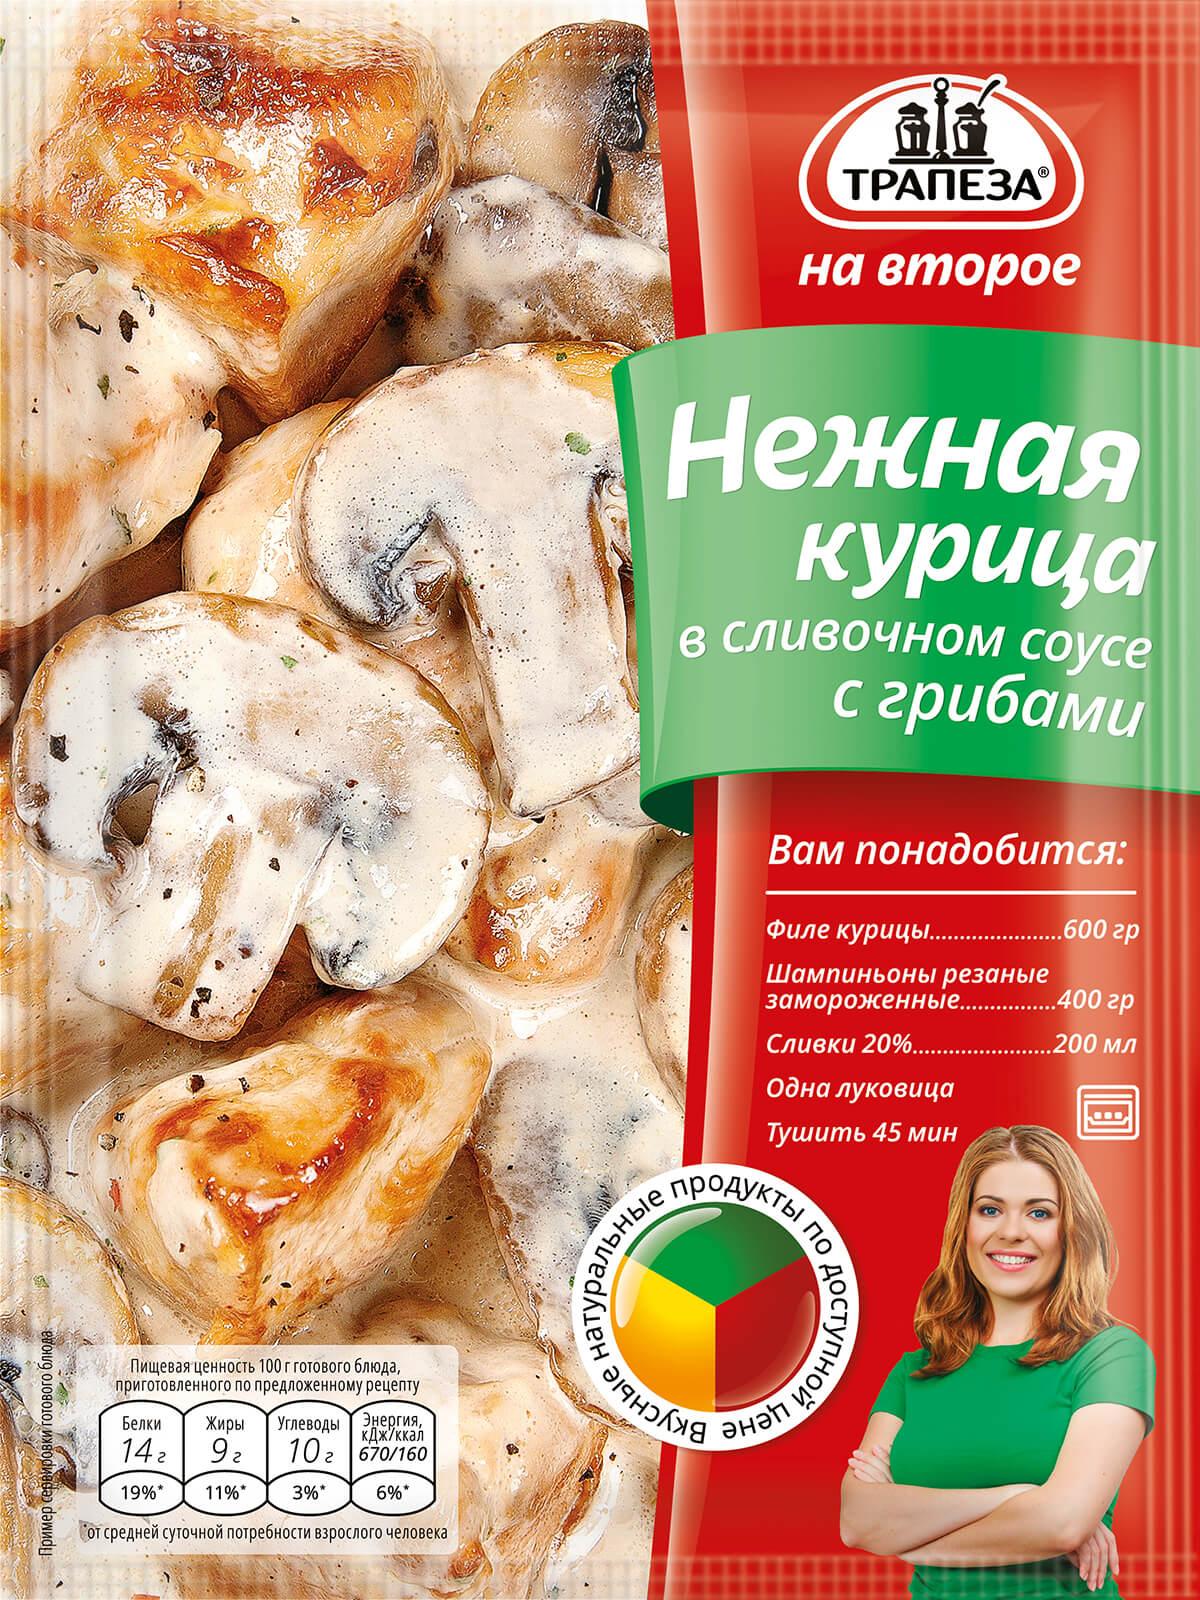 Трапеза на второе смесь для приготовления нежной курицы в сливочном соусе с грибами